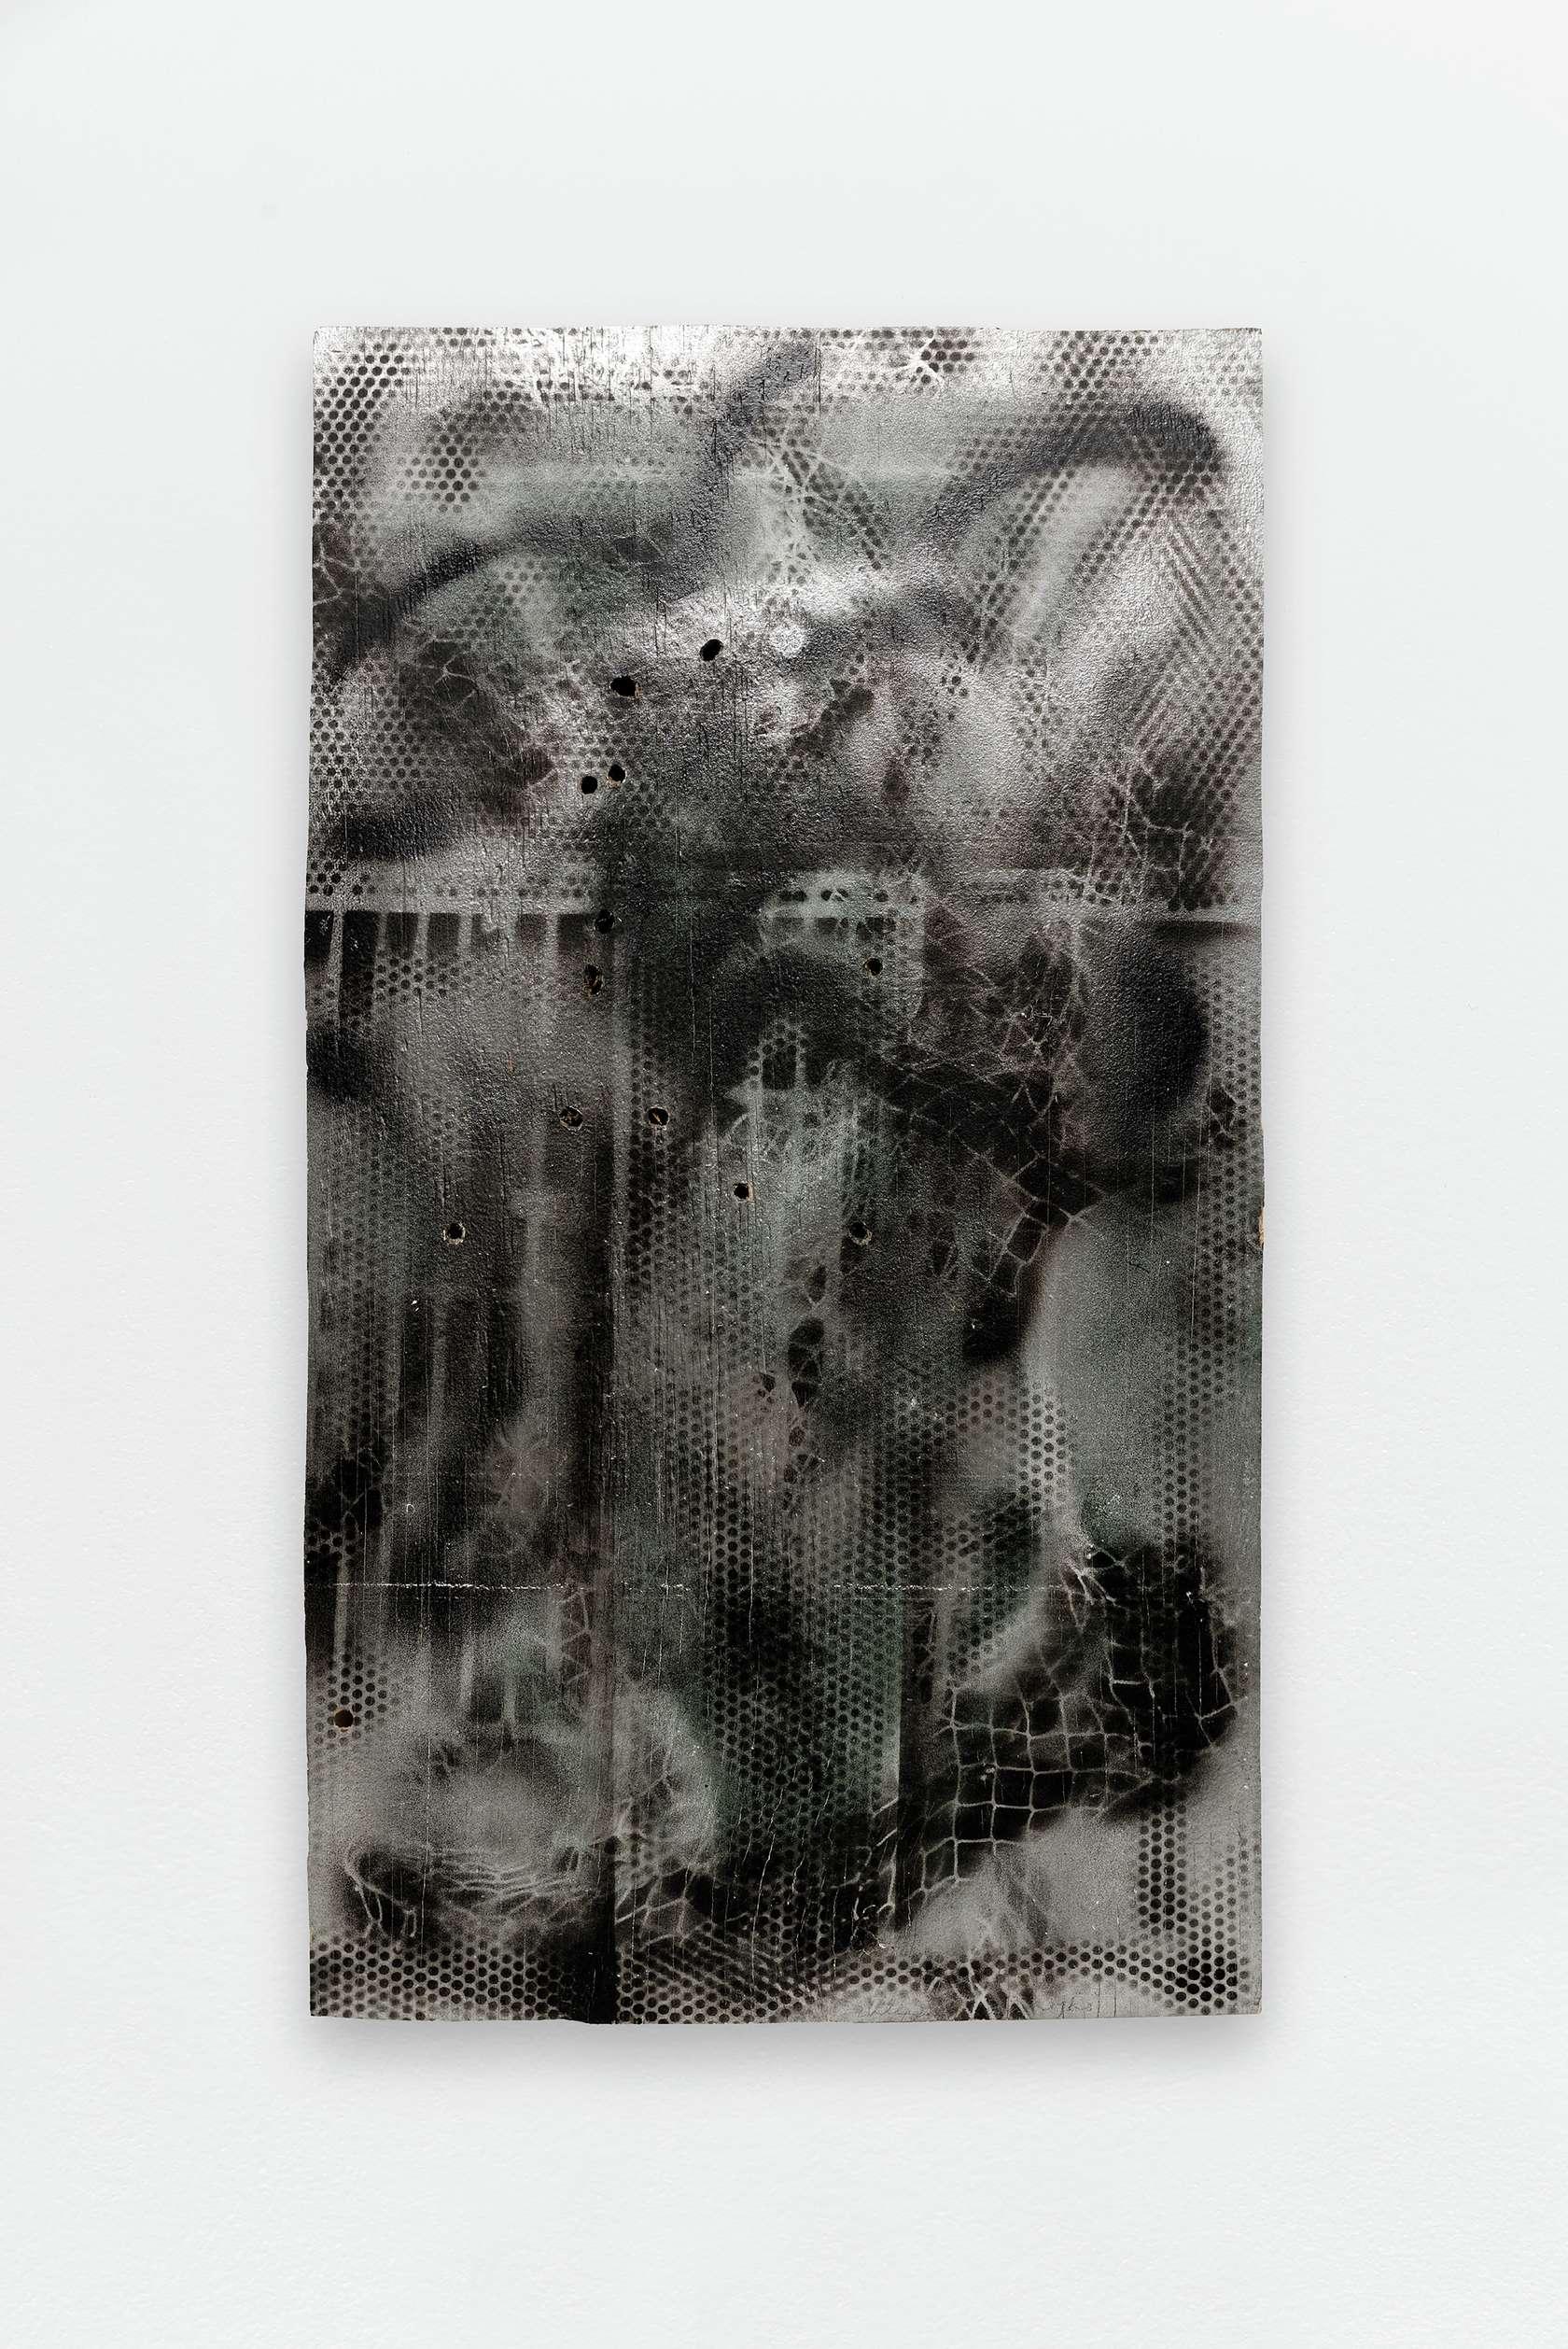 William S. Burroughs, '45 Writings, 1993 Peinture aérosol et 13 impacts de balles sur panneau de contreplaqué79.5 x 43.5 cm / 31 2/8 x 17 1/8 inches